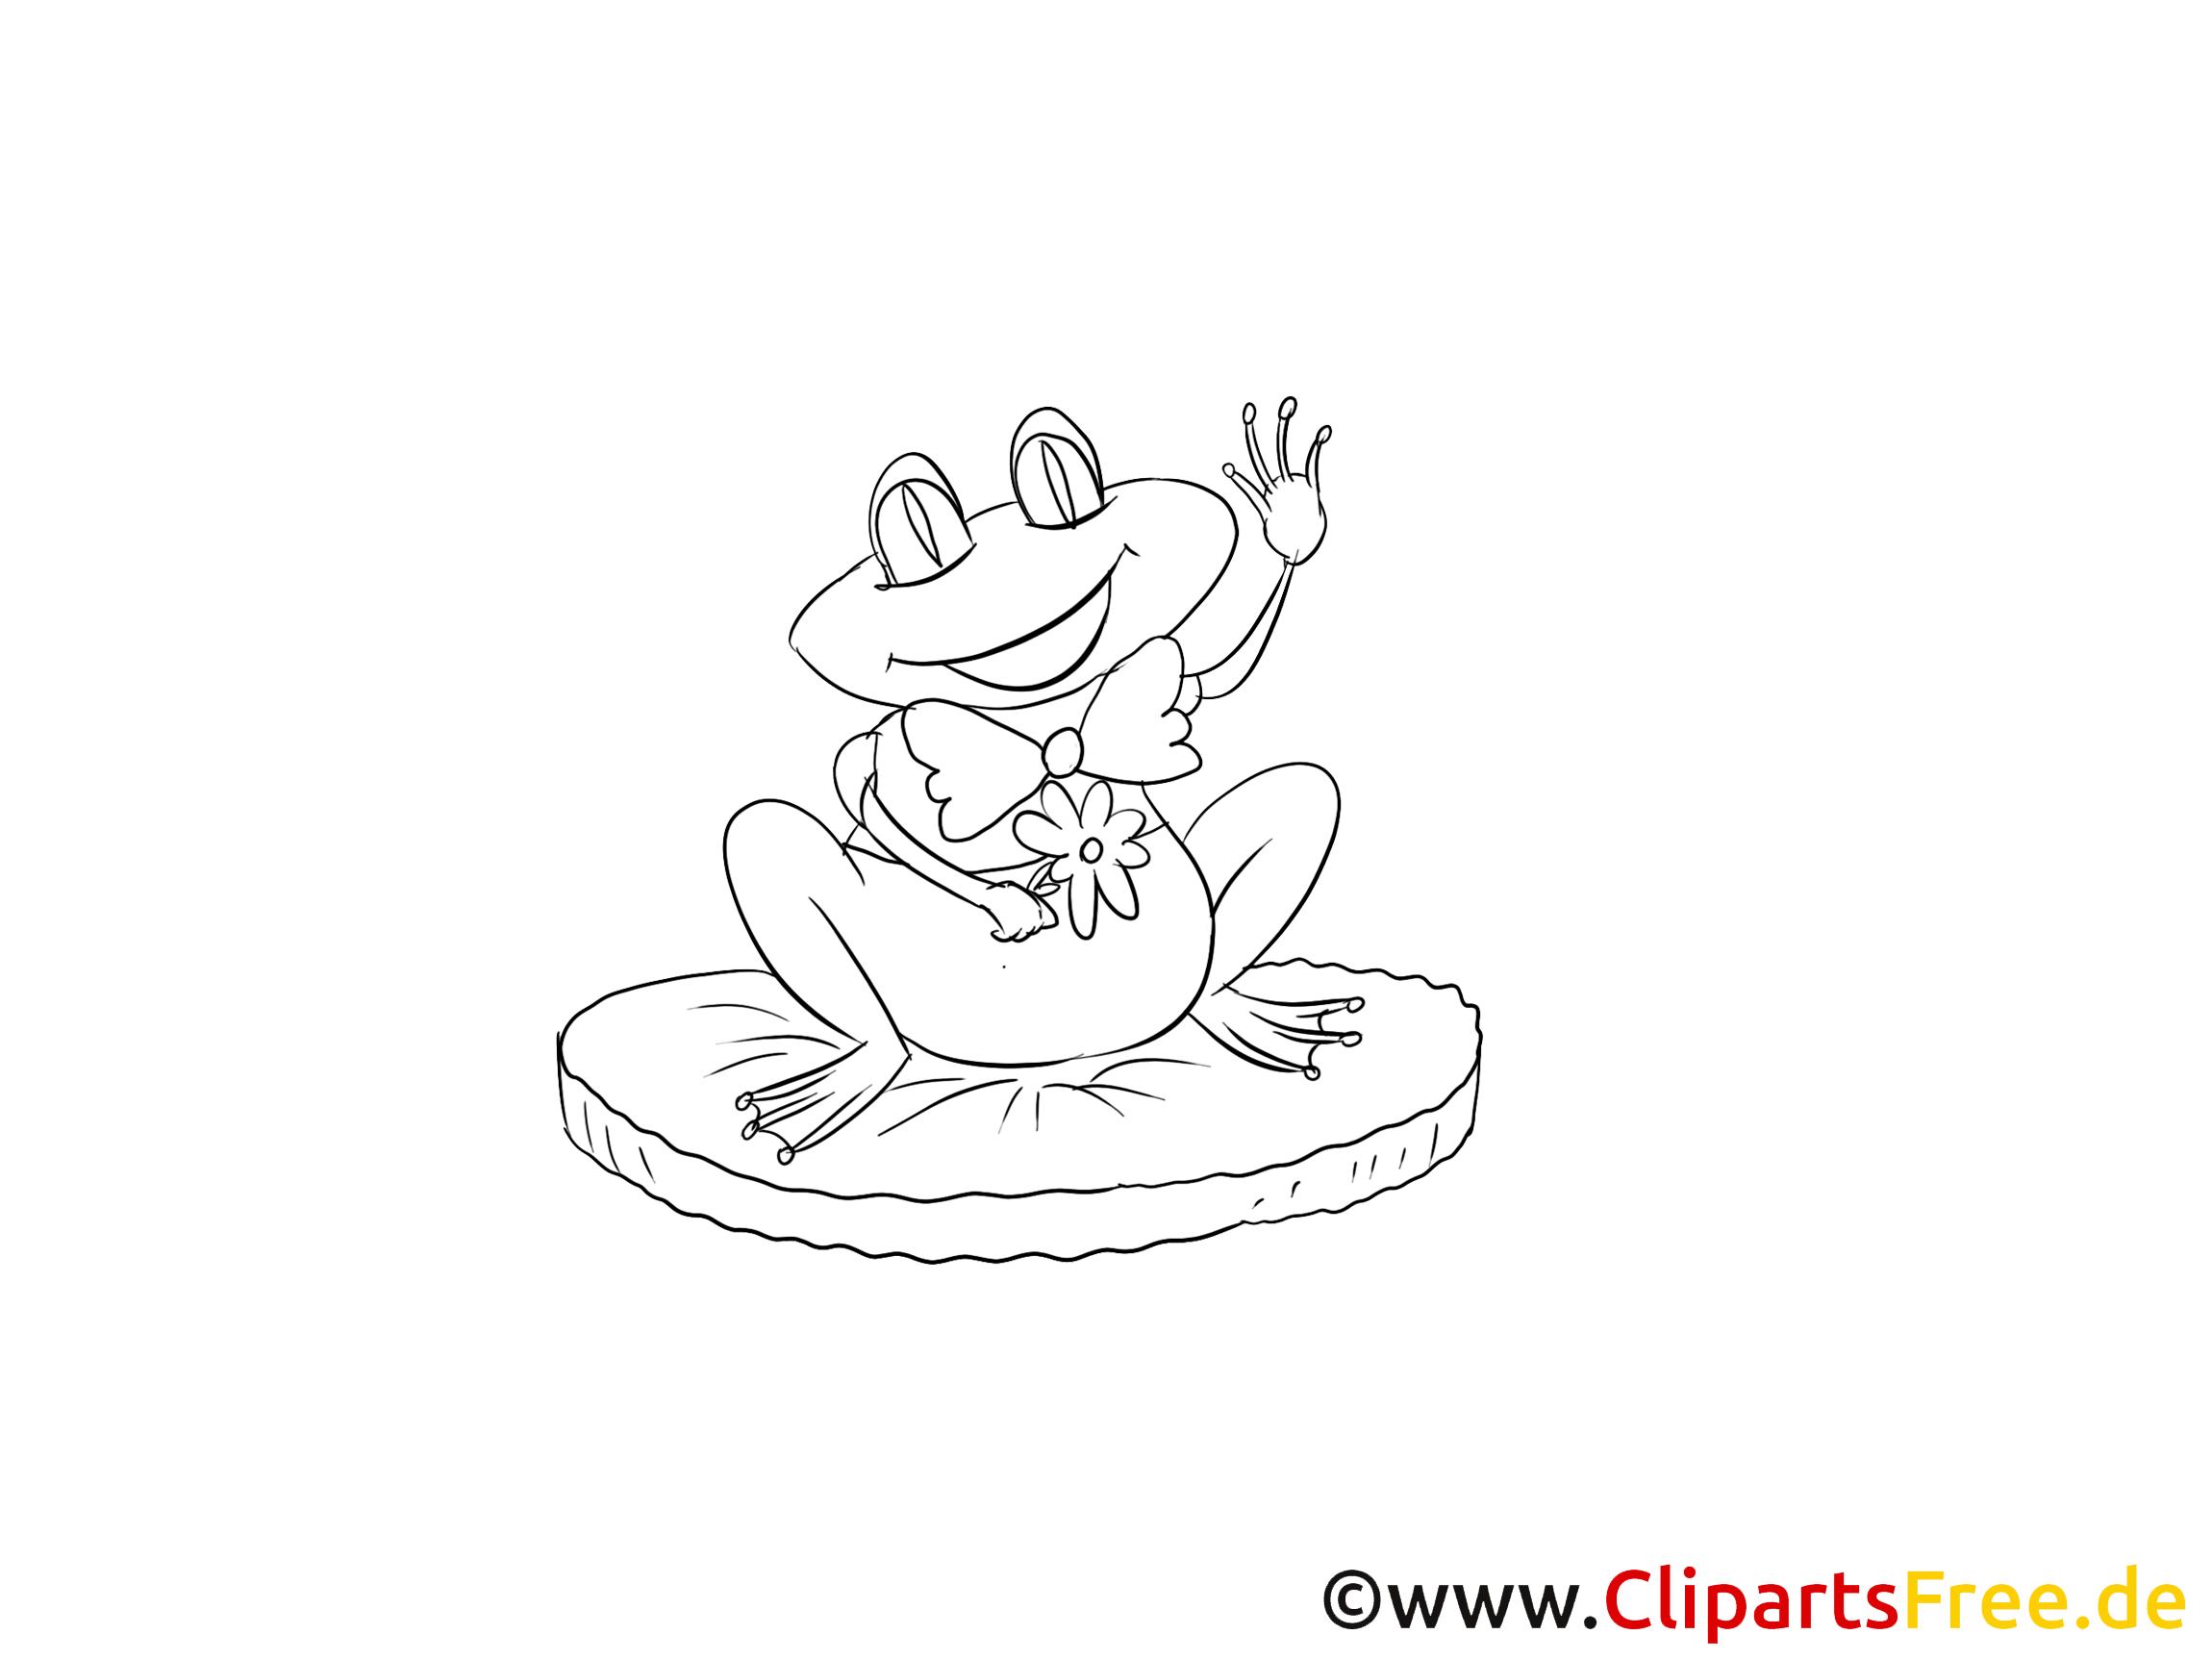 Grenouille illustration – Animal à imprimer